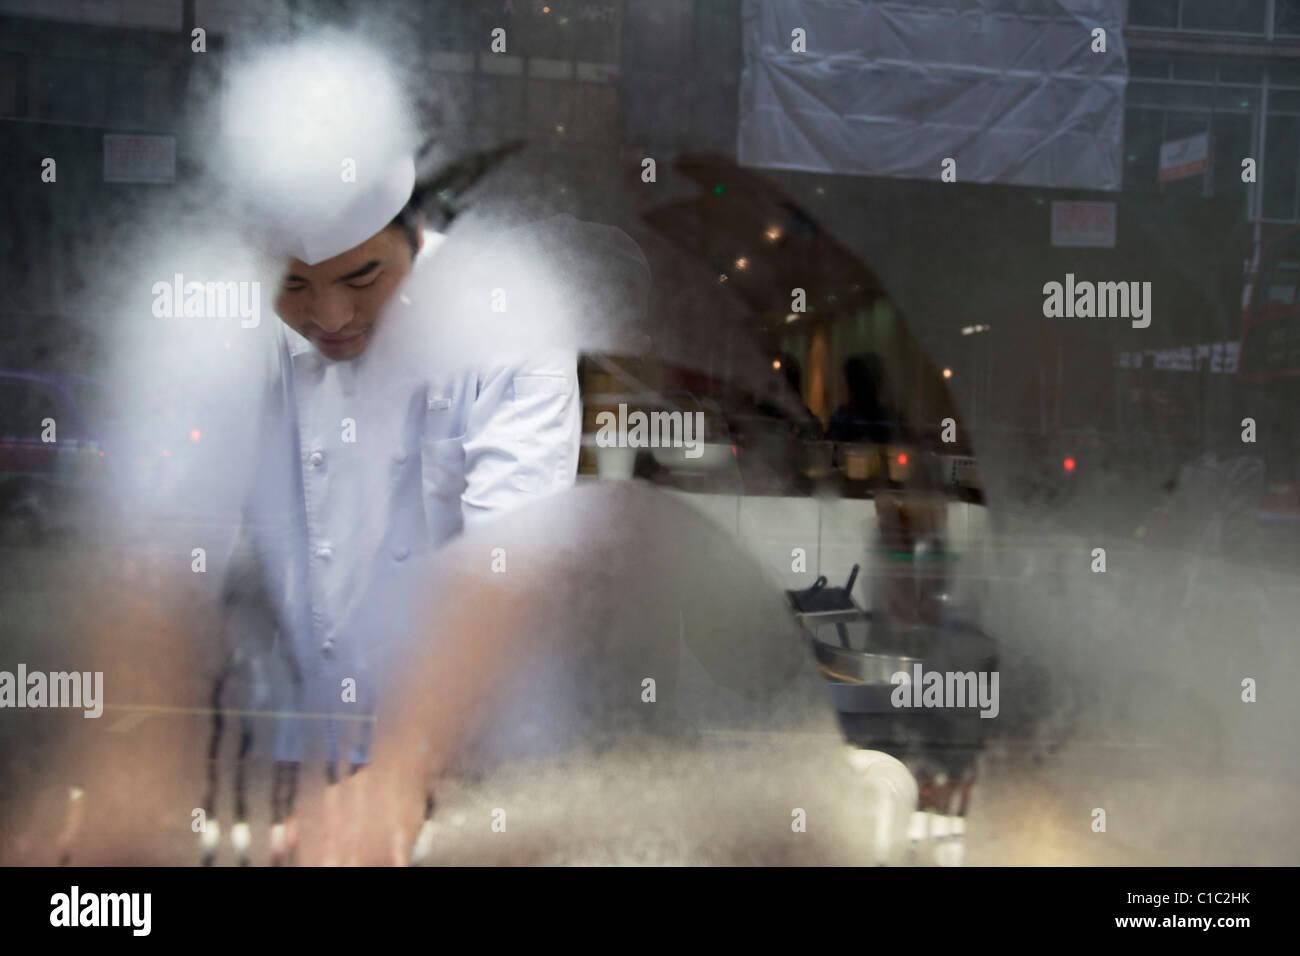 Chef japonais de faire des nouilles fraîches dans un restaurant à Londres. Cours d'eau de condensation de la fenêtre. Banque D'Images